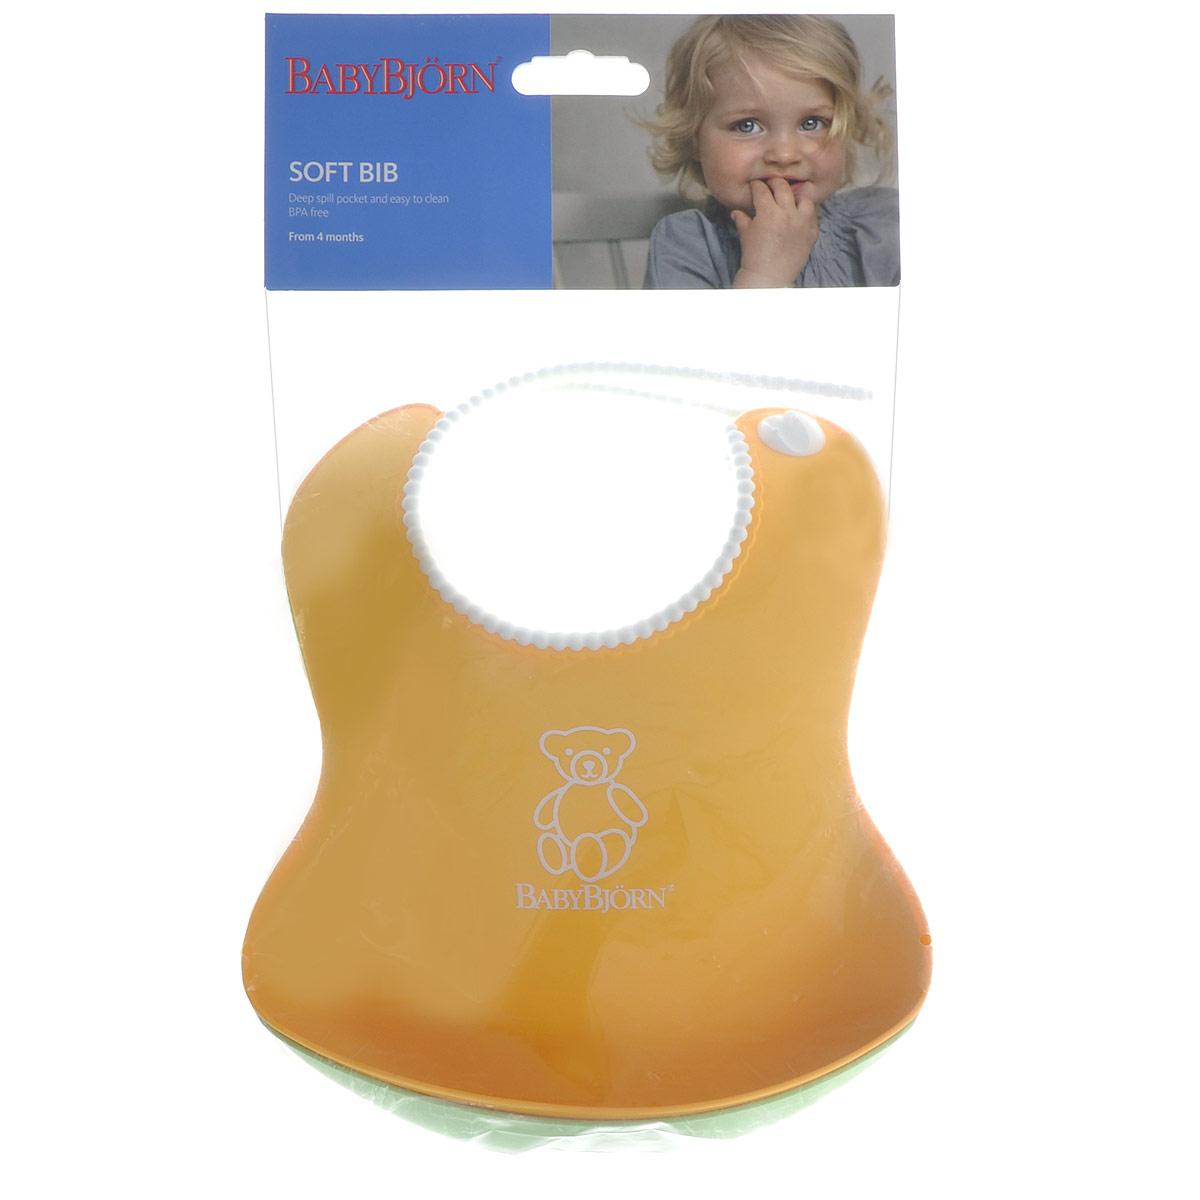 """Комплект нагрудников """"BabyBjorn"""" обязательно пригодится любой мамочке. Оригинальный нагрудник выполнен из мягкого пластика с удобной регулируемой застежкой. Его мягкая горловина не поцарапает шею вашего малыша. Нагрудник оснащен глубоким карманом для улавливания пищи, поэтому, как бы ребенок не крутился, крошки и упавшие кусочки все равно останутся в кармашке. После приема еды нагрудник легко вымыть водой. Комплект включает два нагрудника желтого и зеленого цветов."""